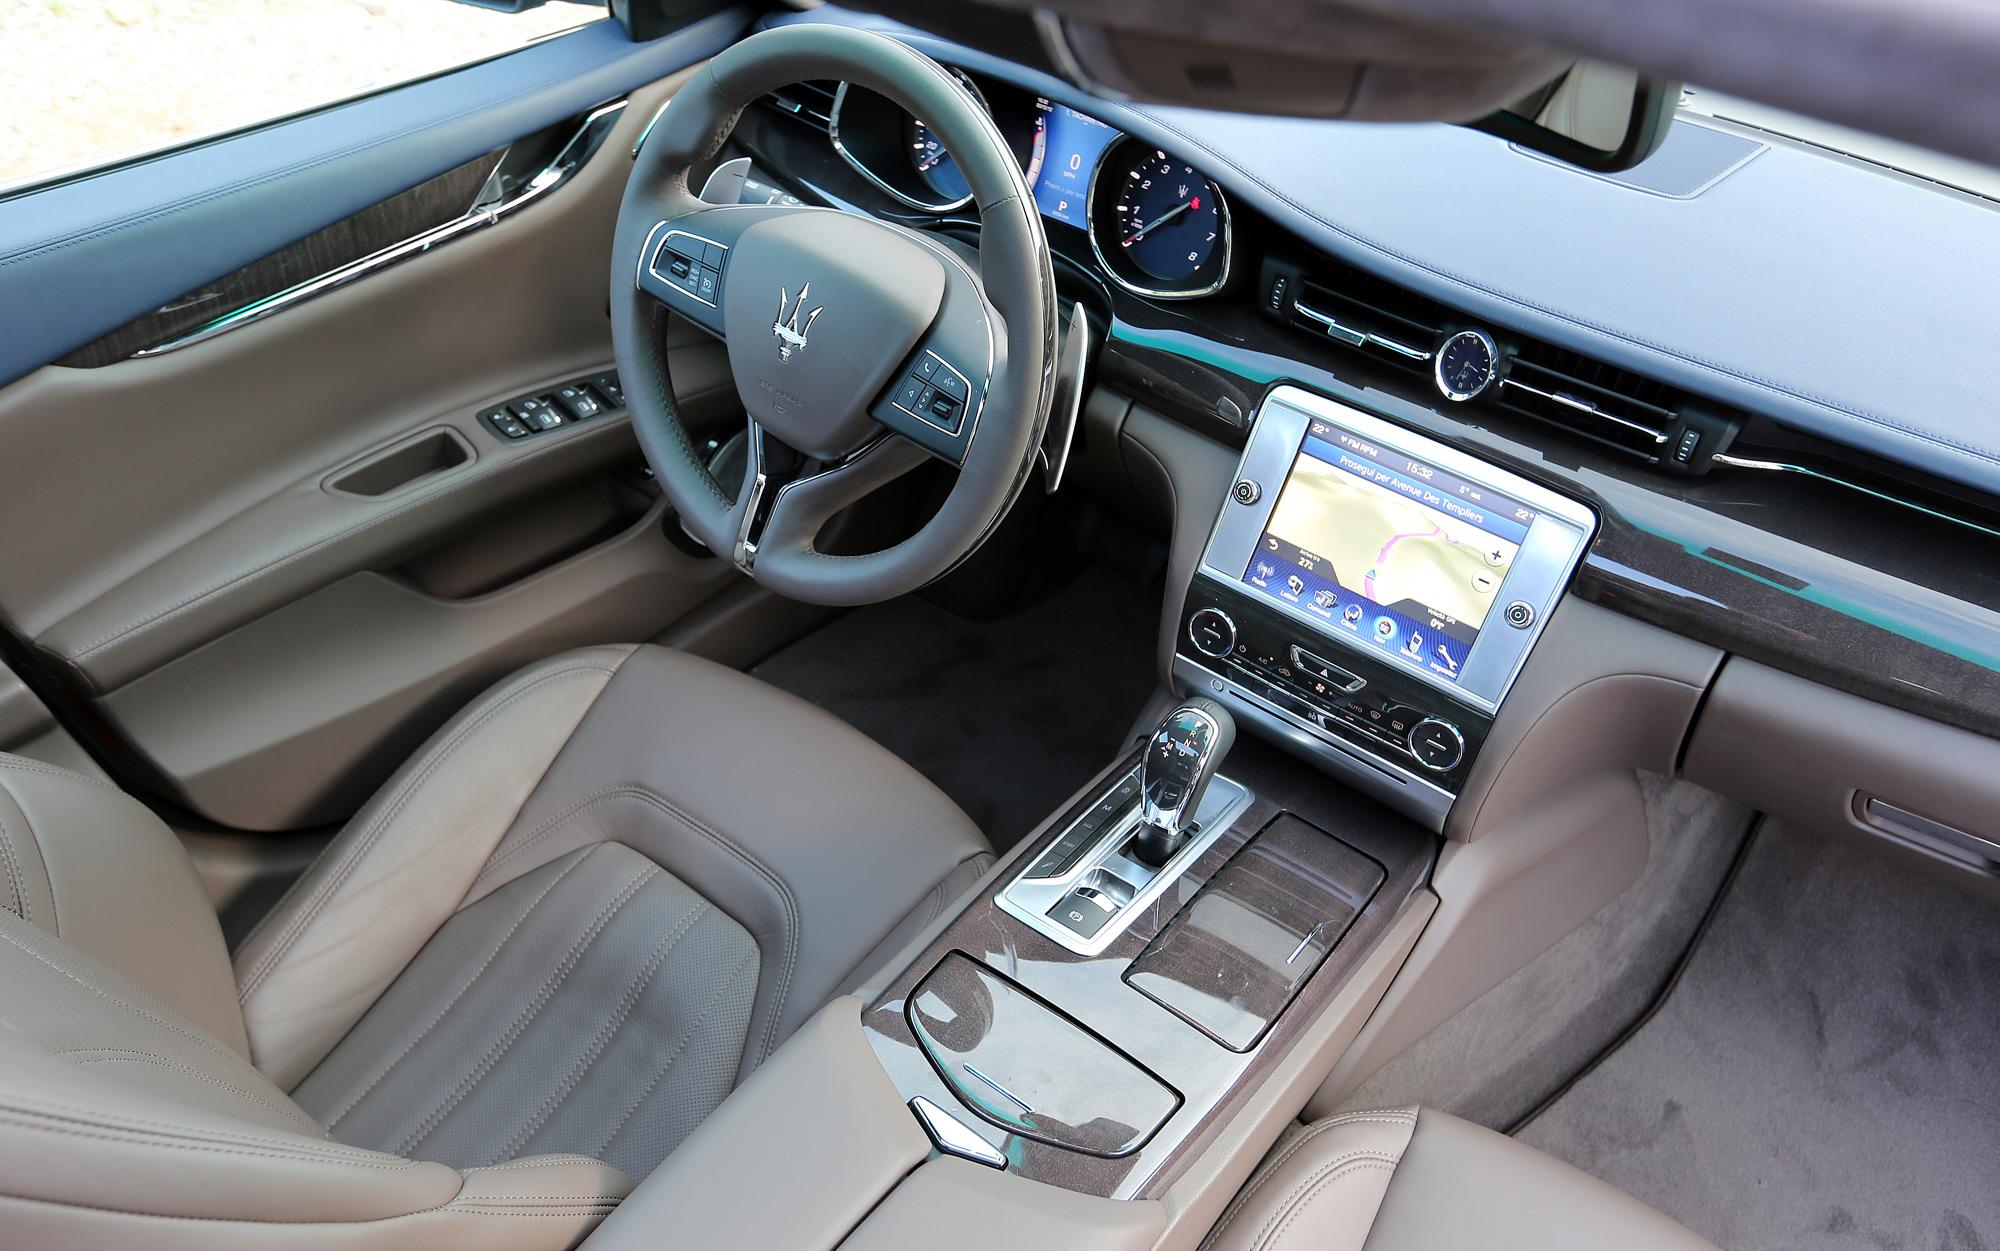 Maserati Quattroporte Review And Photos